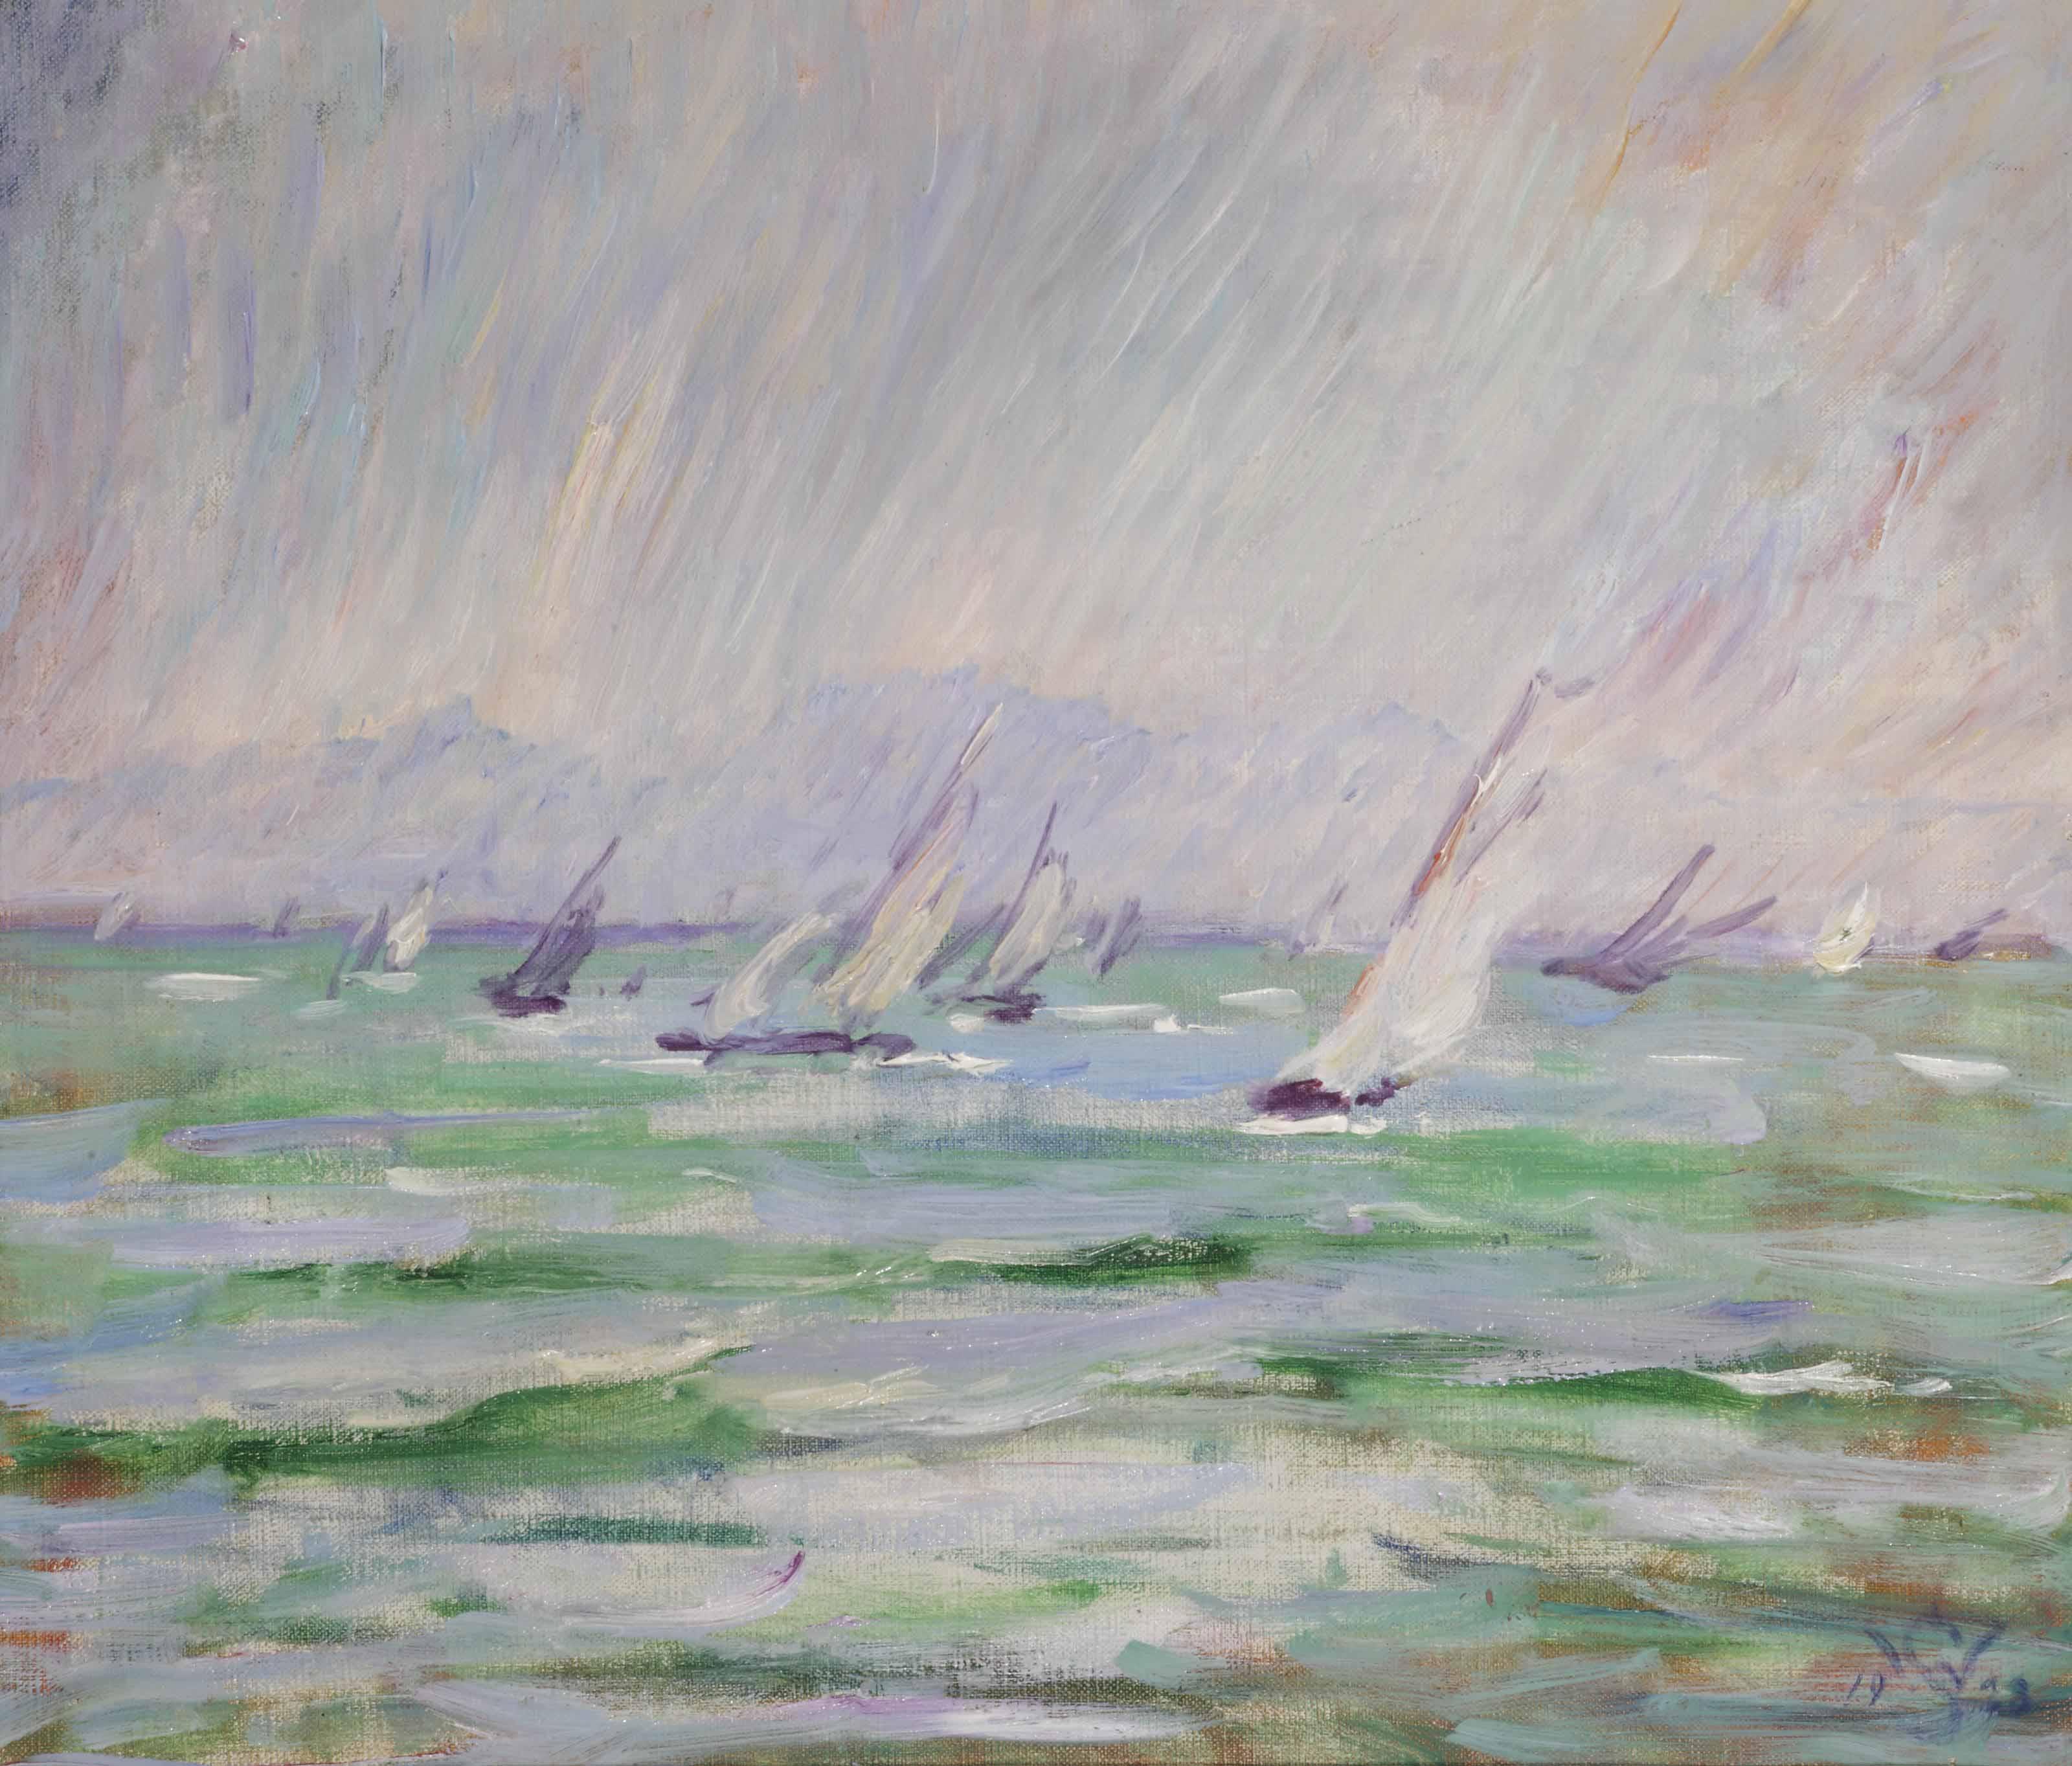 Sailing vessels at sea